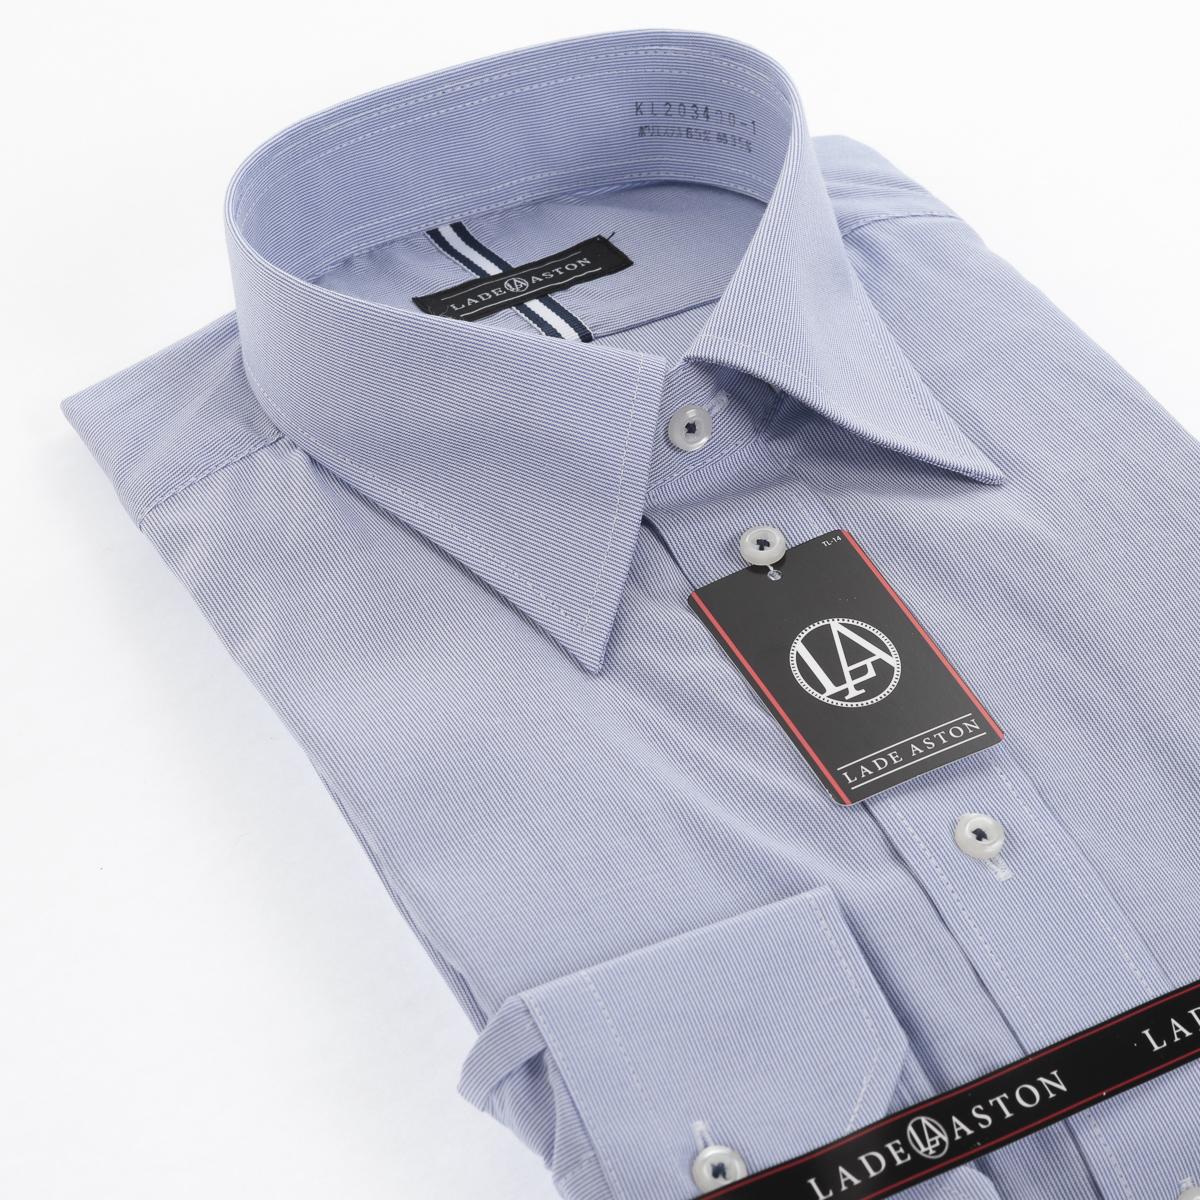 形態安定 セミワイド ワイシャツ 長袖 【LADE ASTON】